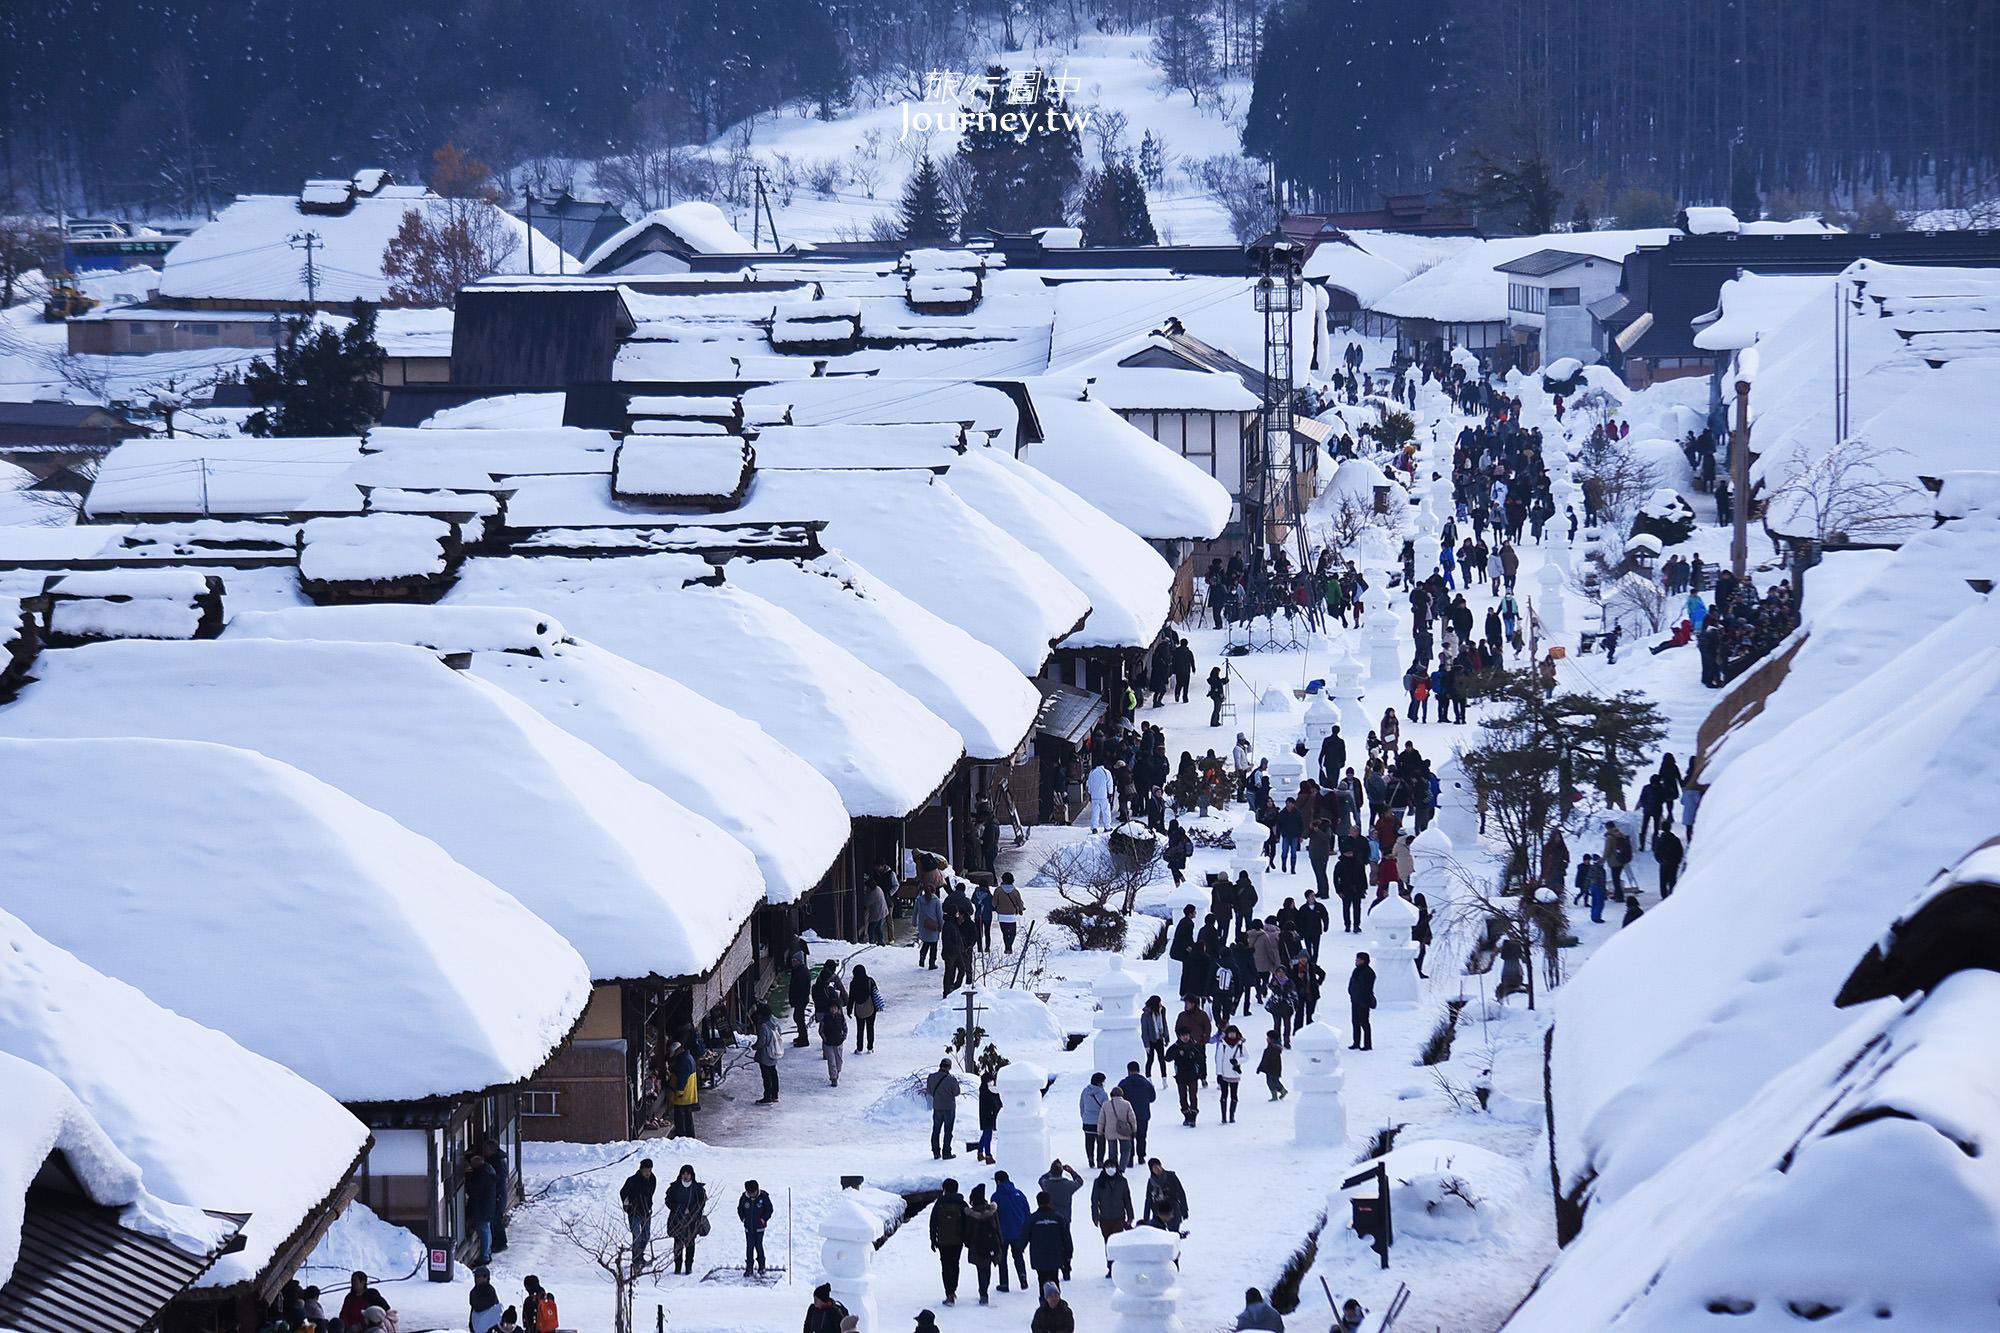 日本,福島,南會津,日本三大茅葺聚落,大內宿,大内宿雪祭,煙火